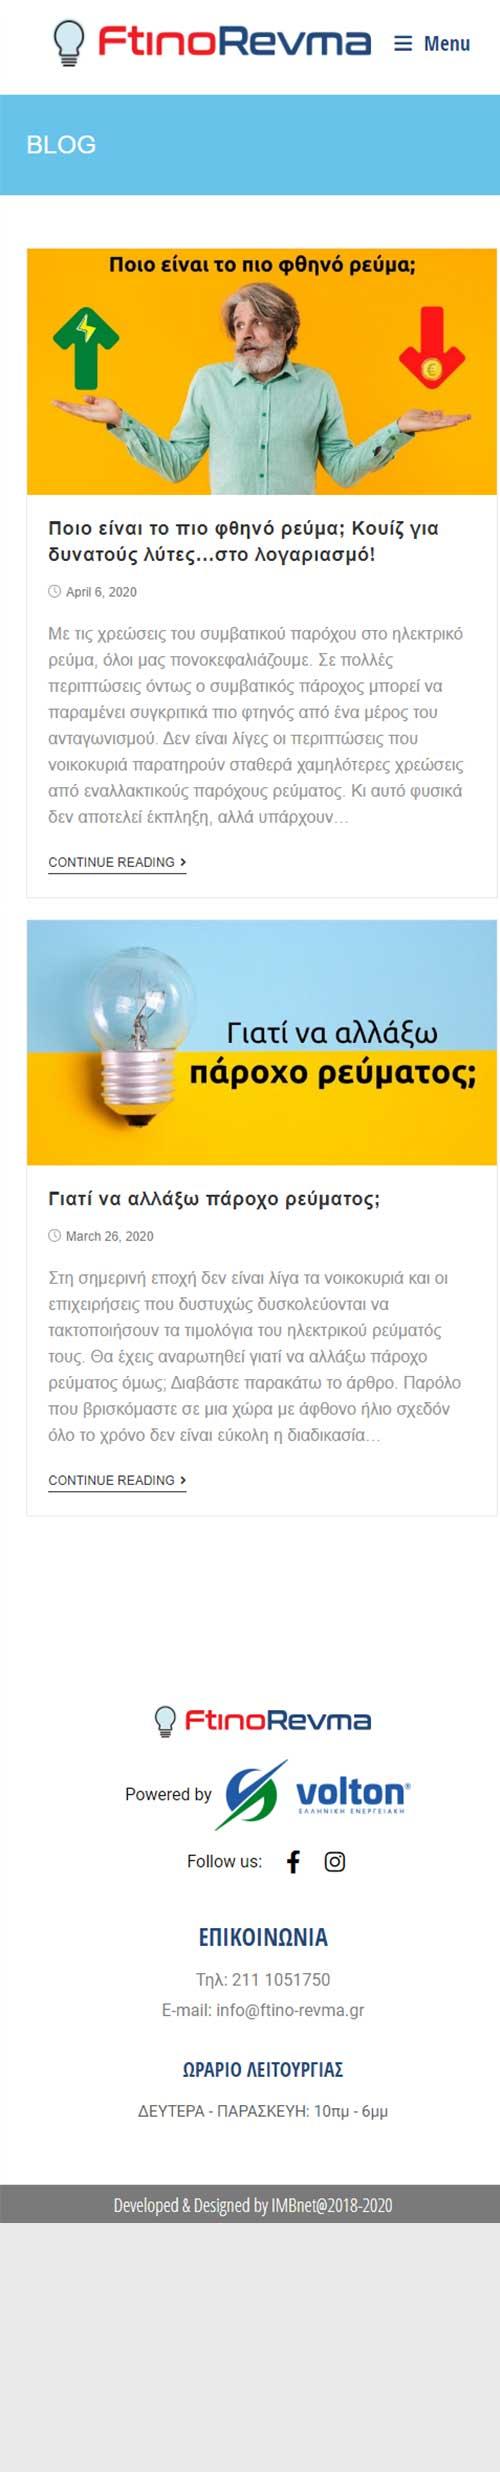 Κατασκευή ιστοσελίδων ftino revma resp 03